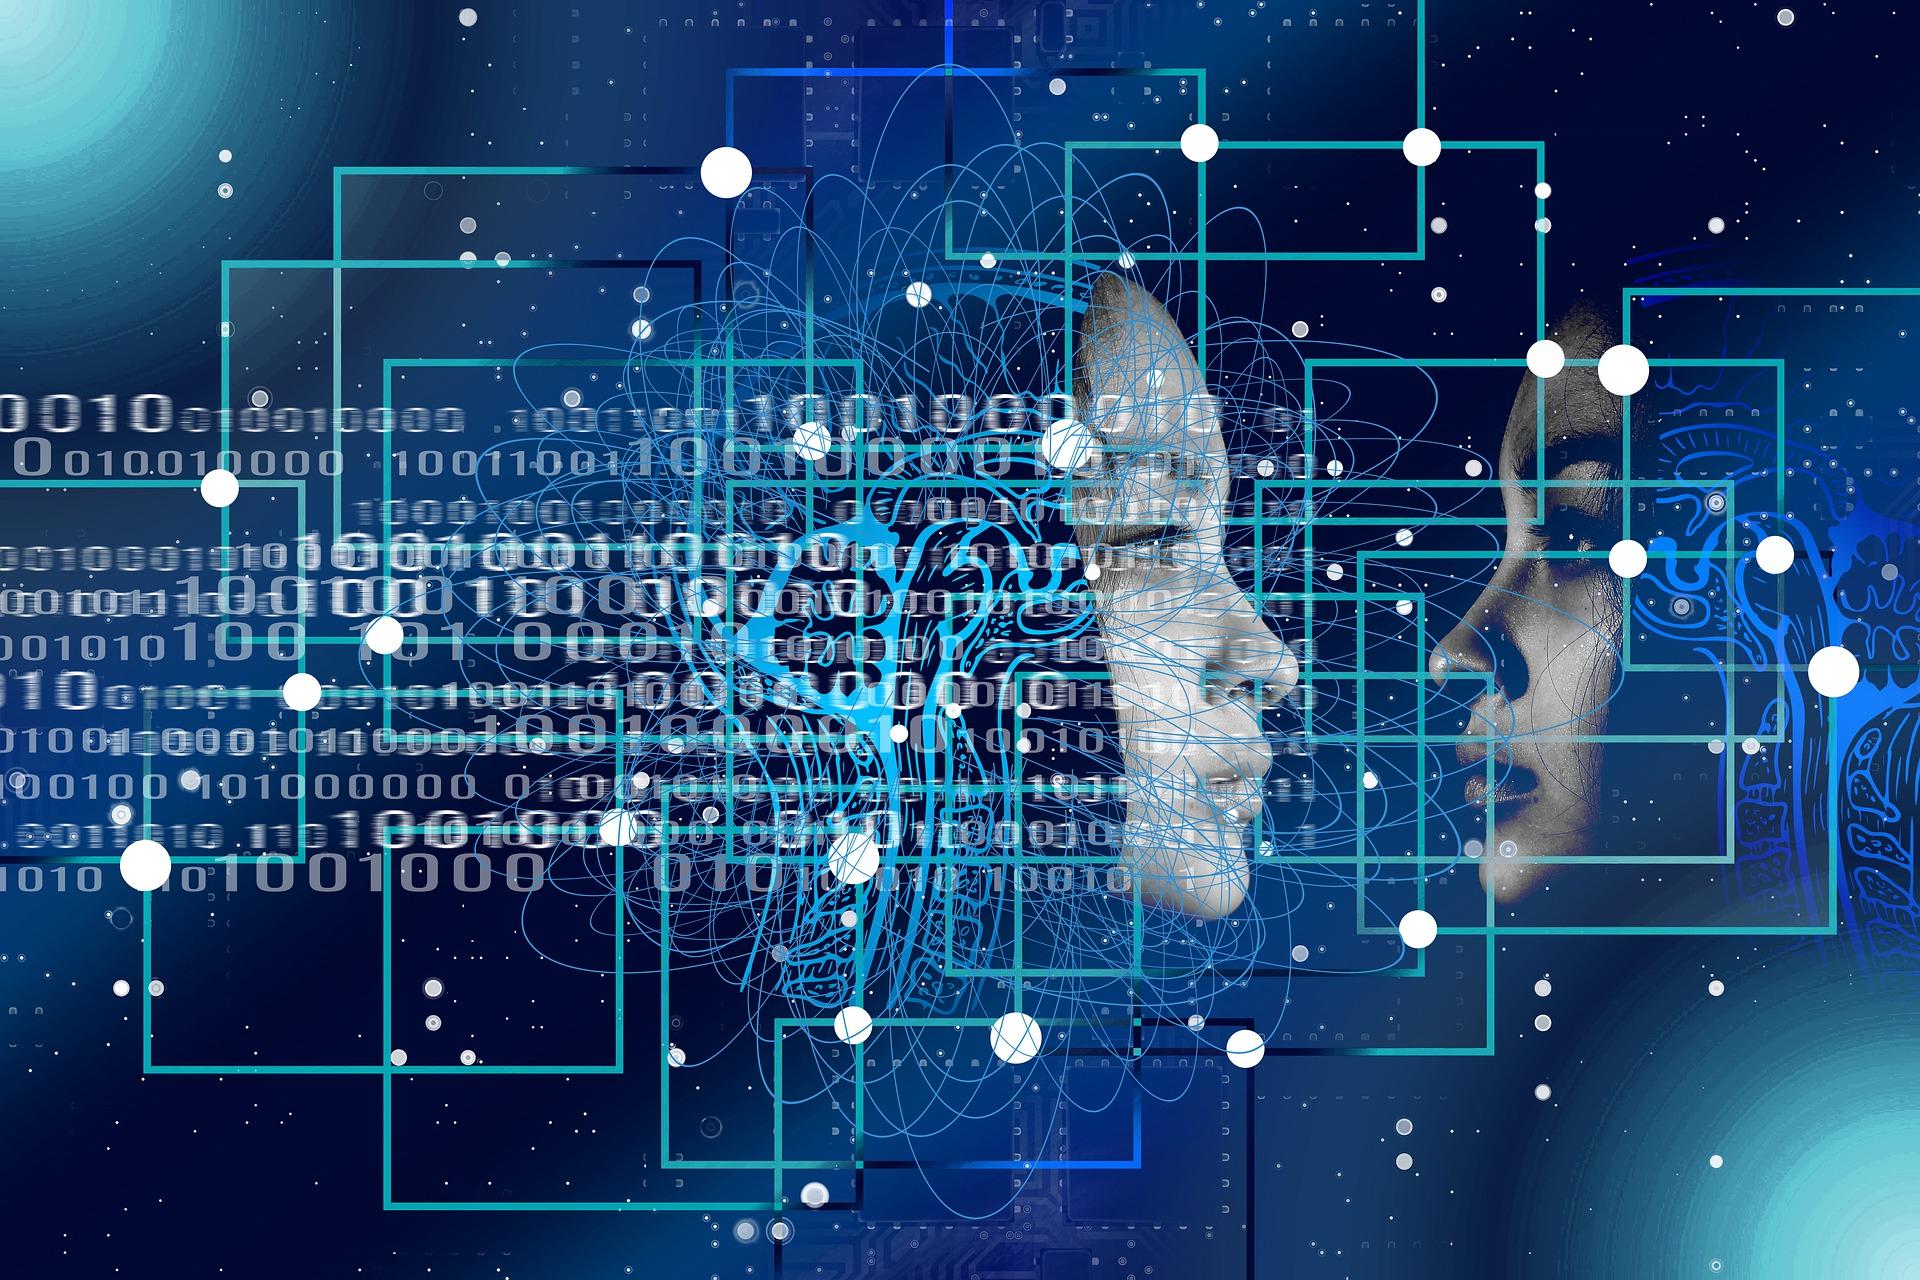 tecnologie emergenti a servizio delle aziende